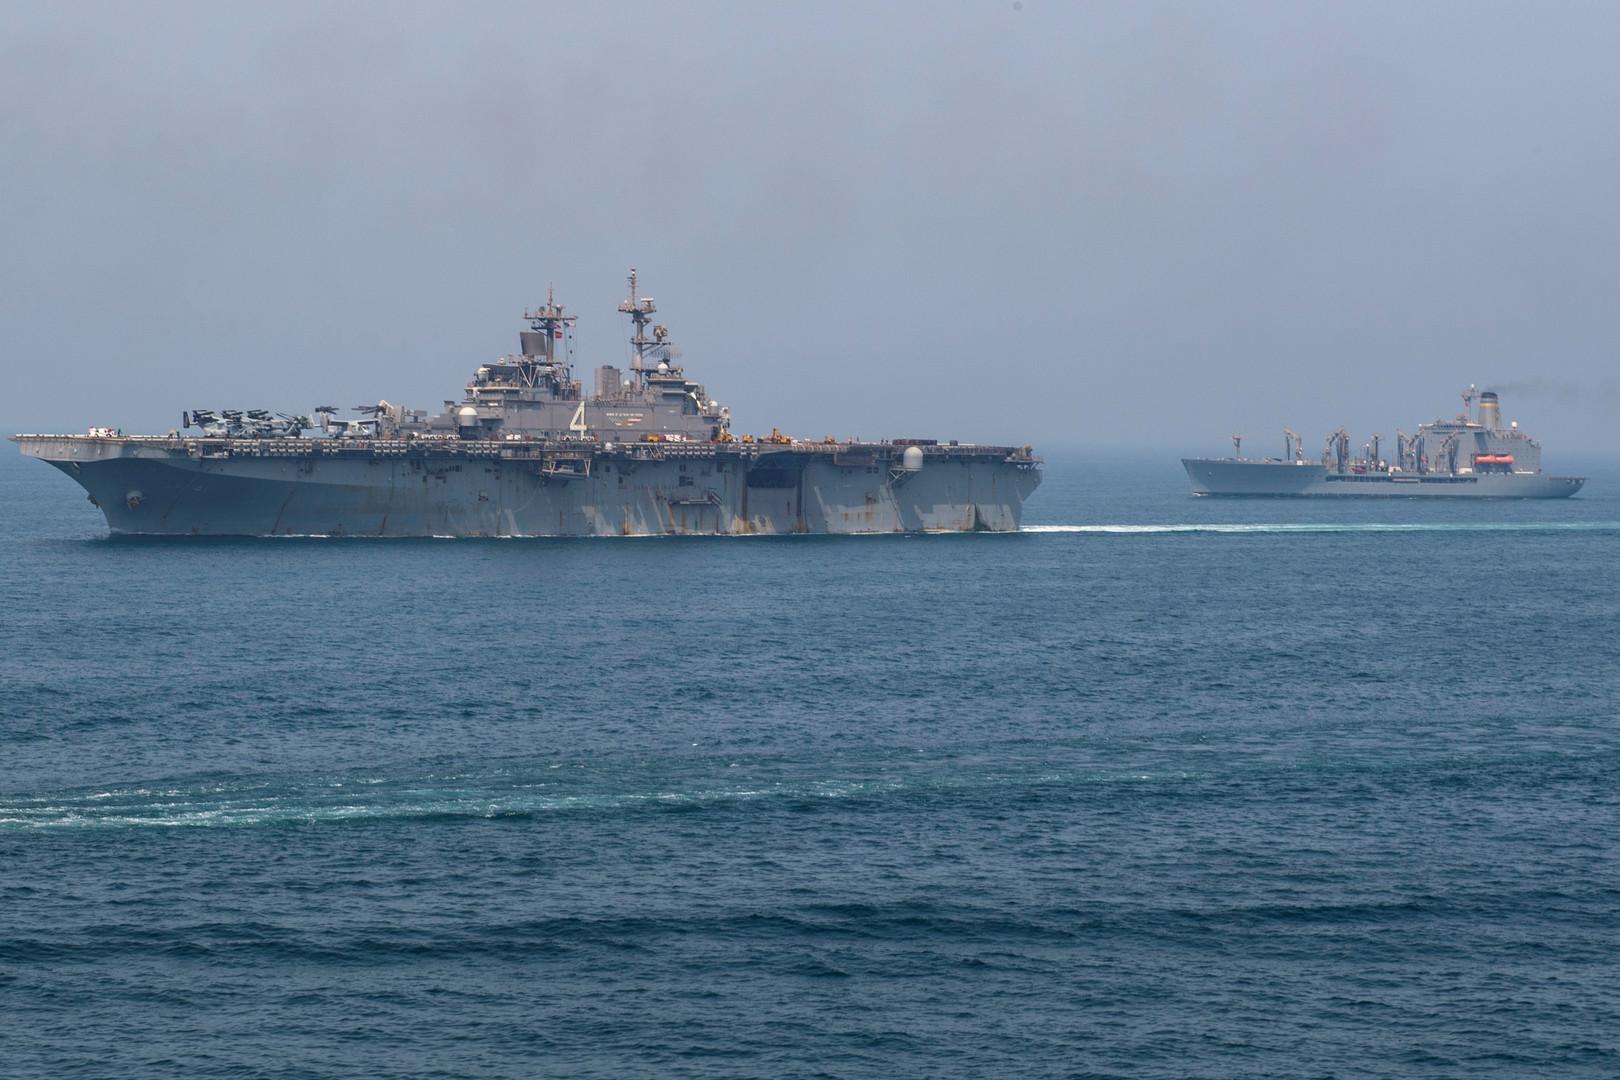 البنتاغون يحشد في الخليج: اليابان تتأنى والصين تستجيب